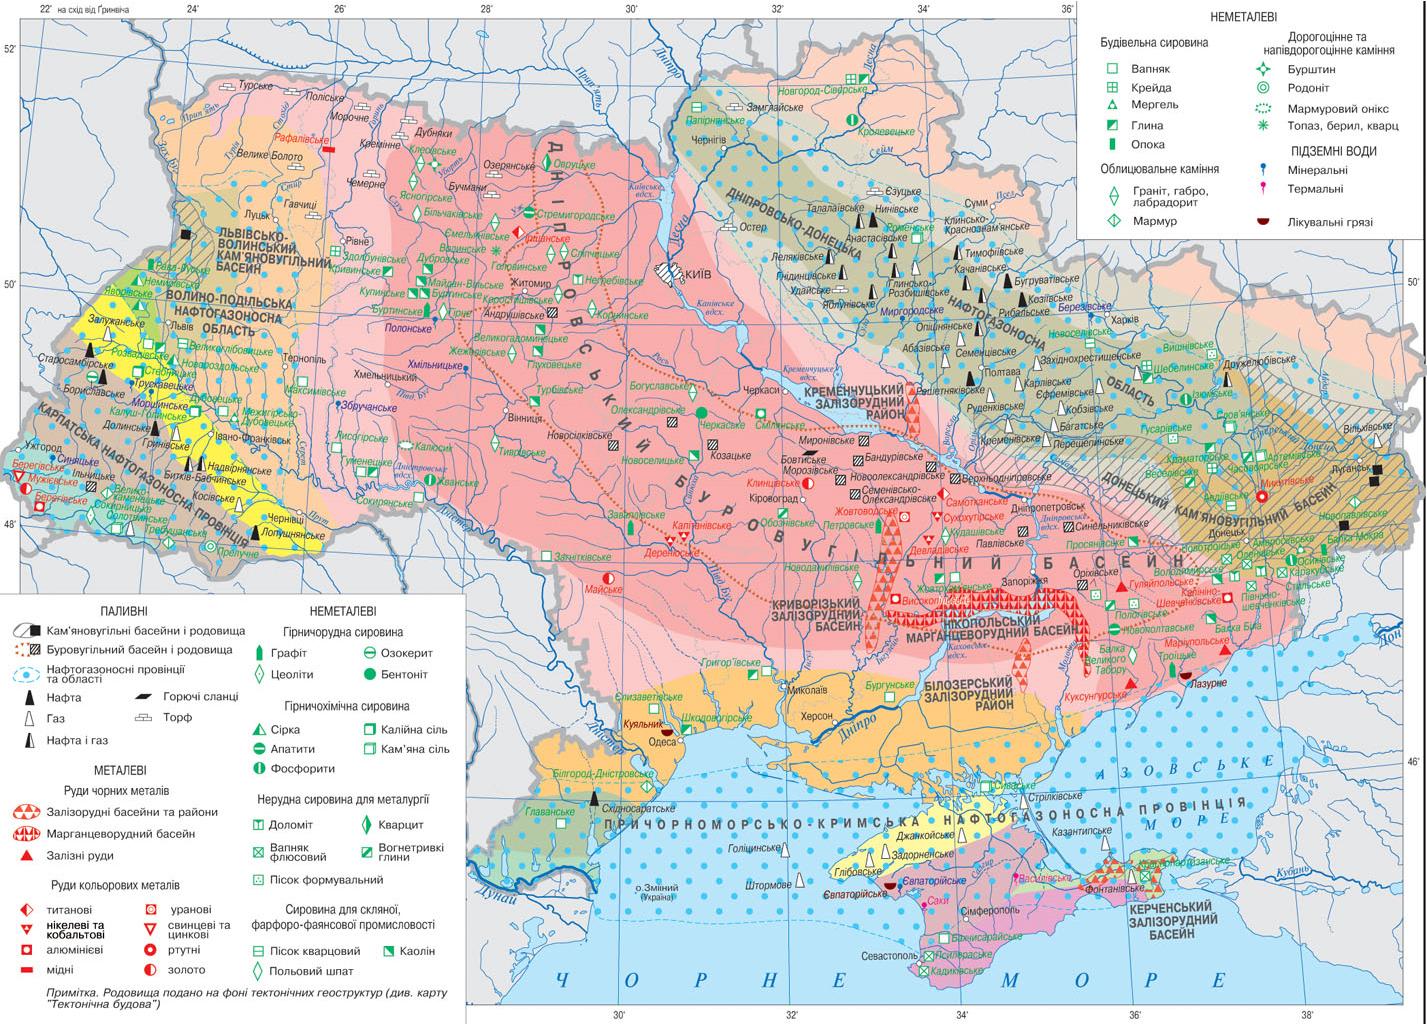 Минерально-сырьевые ресурсы Украины (карта)